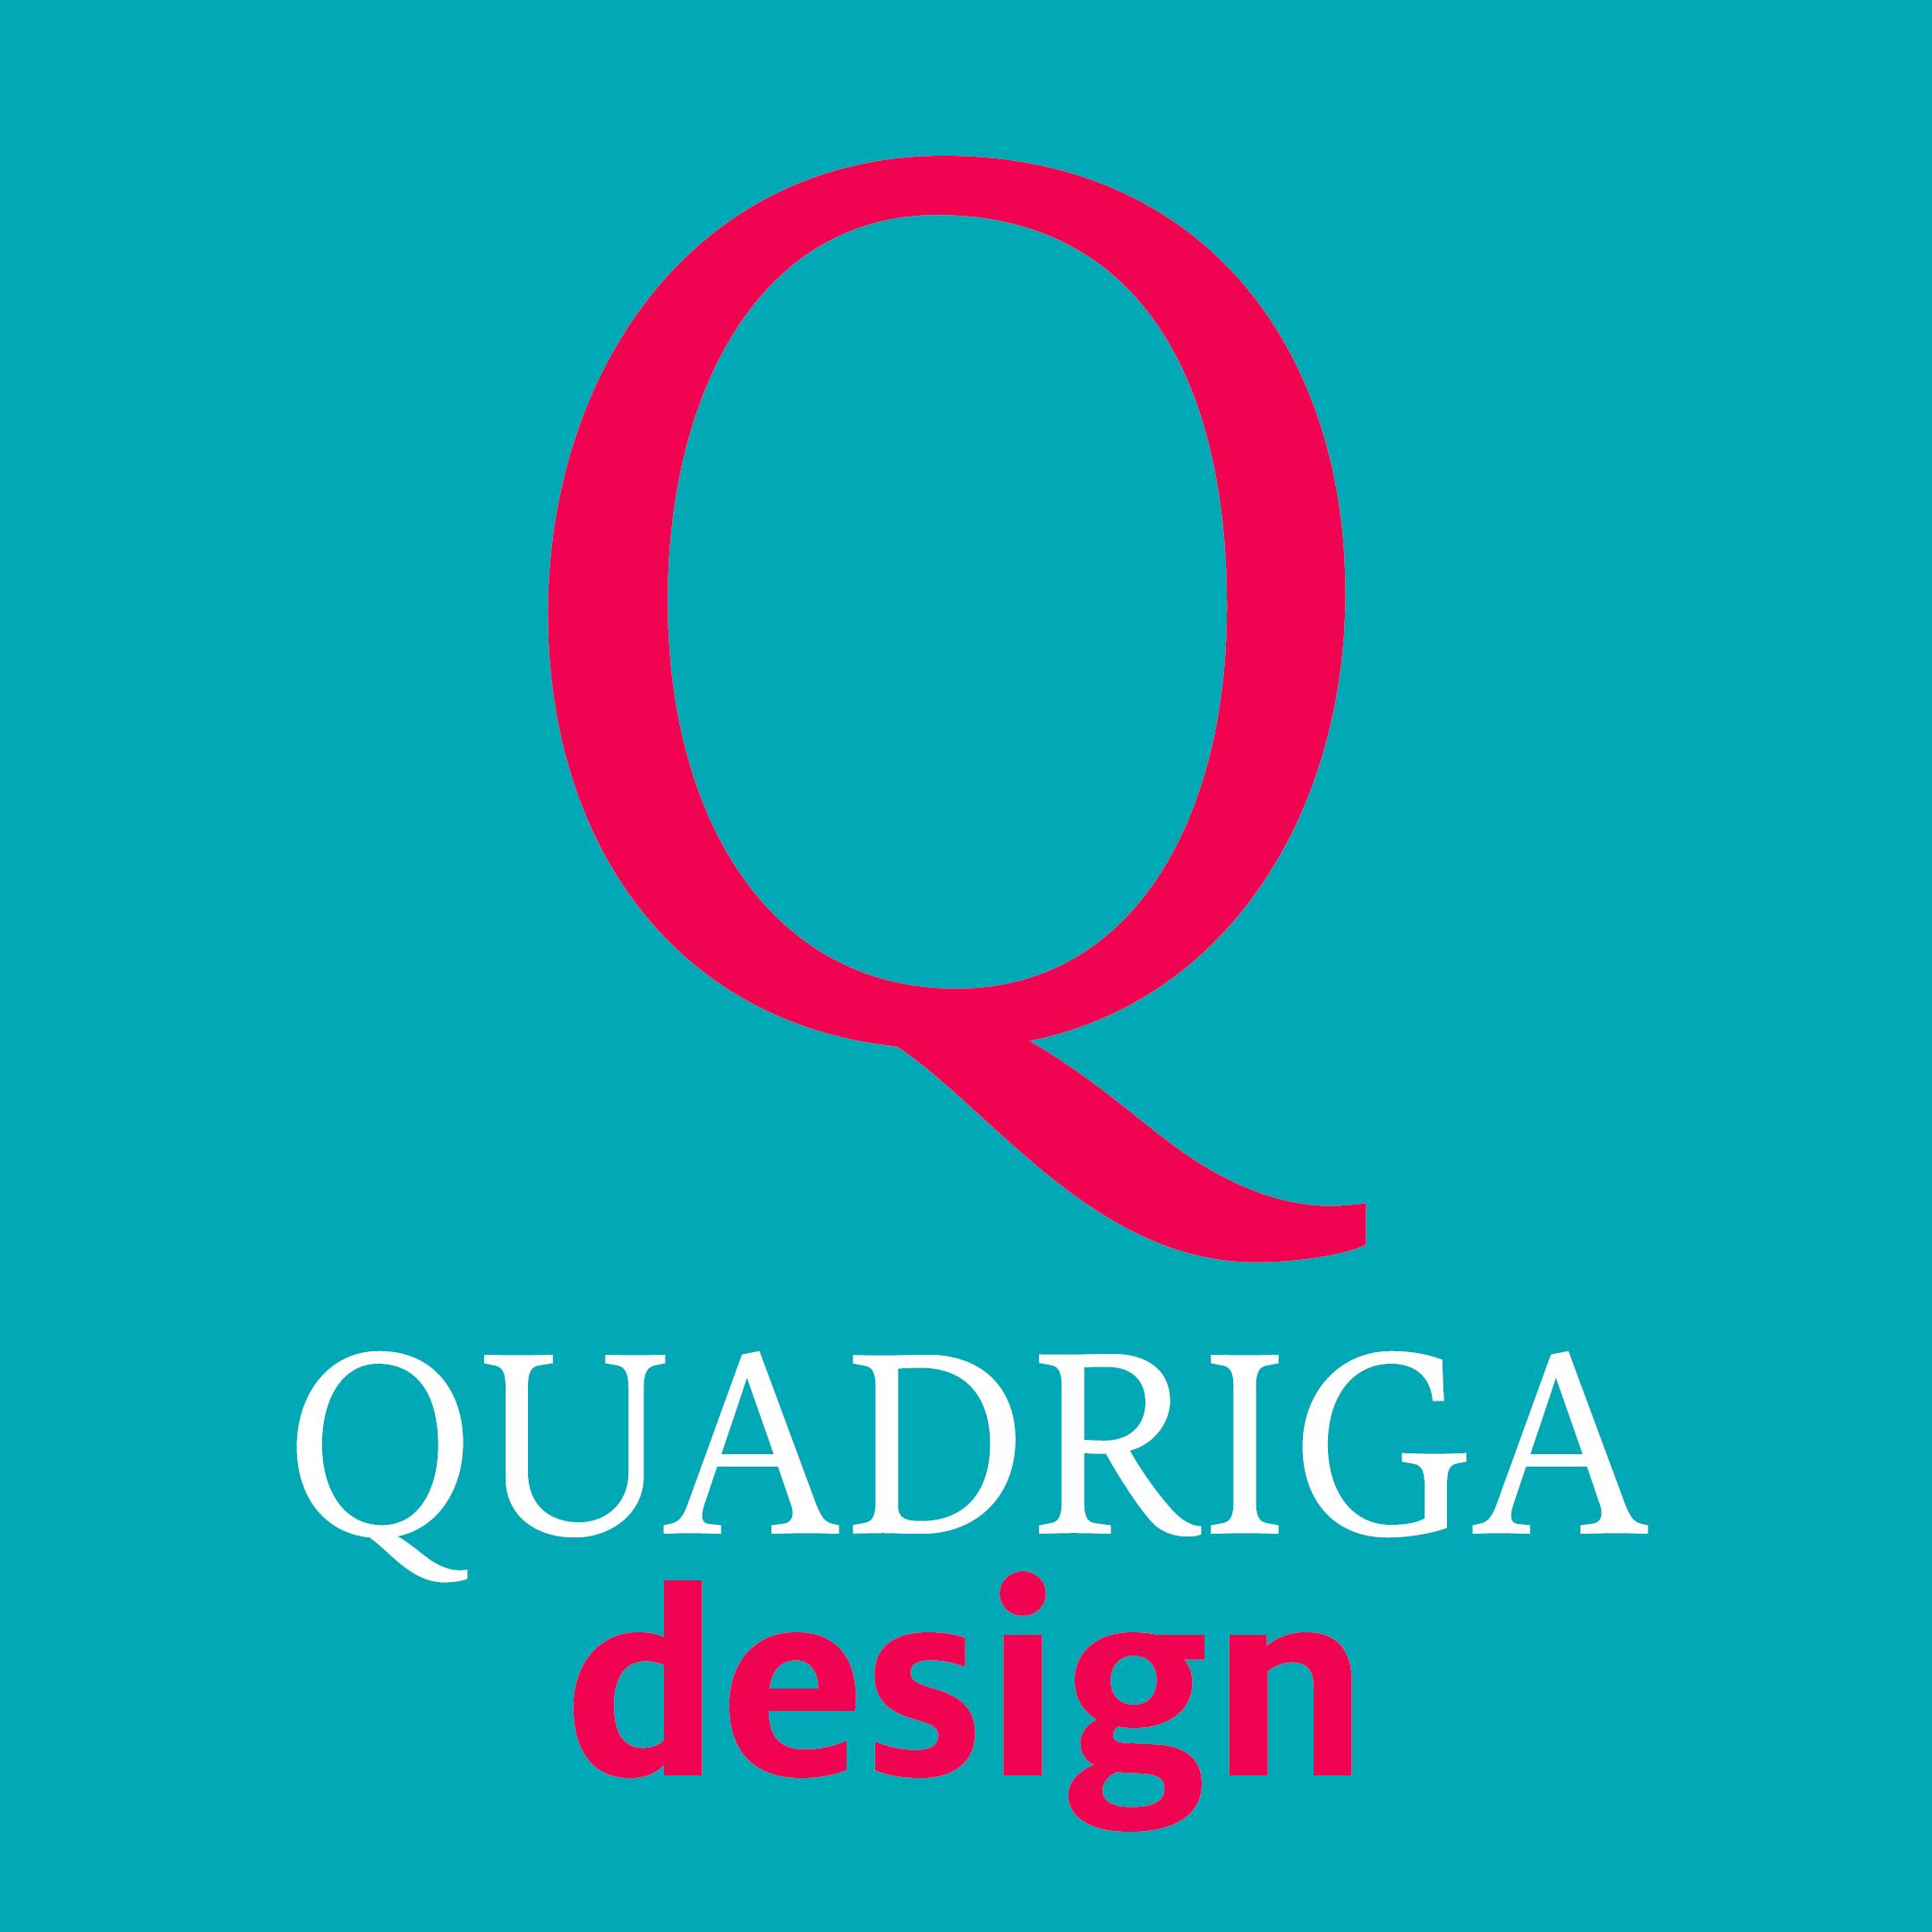 QUADRIGAdesign